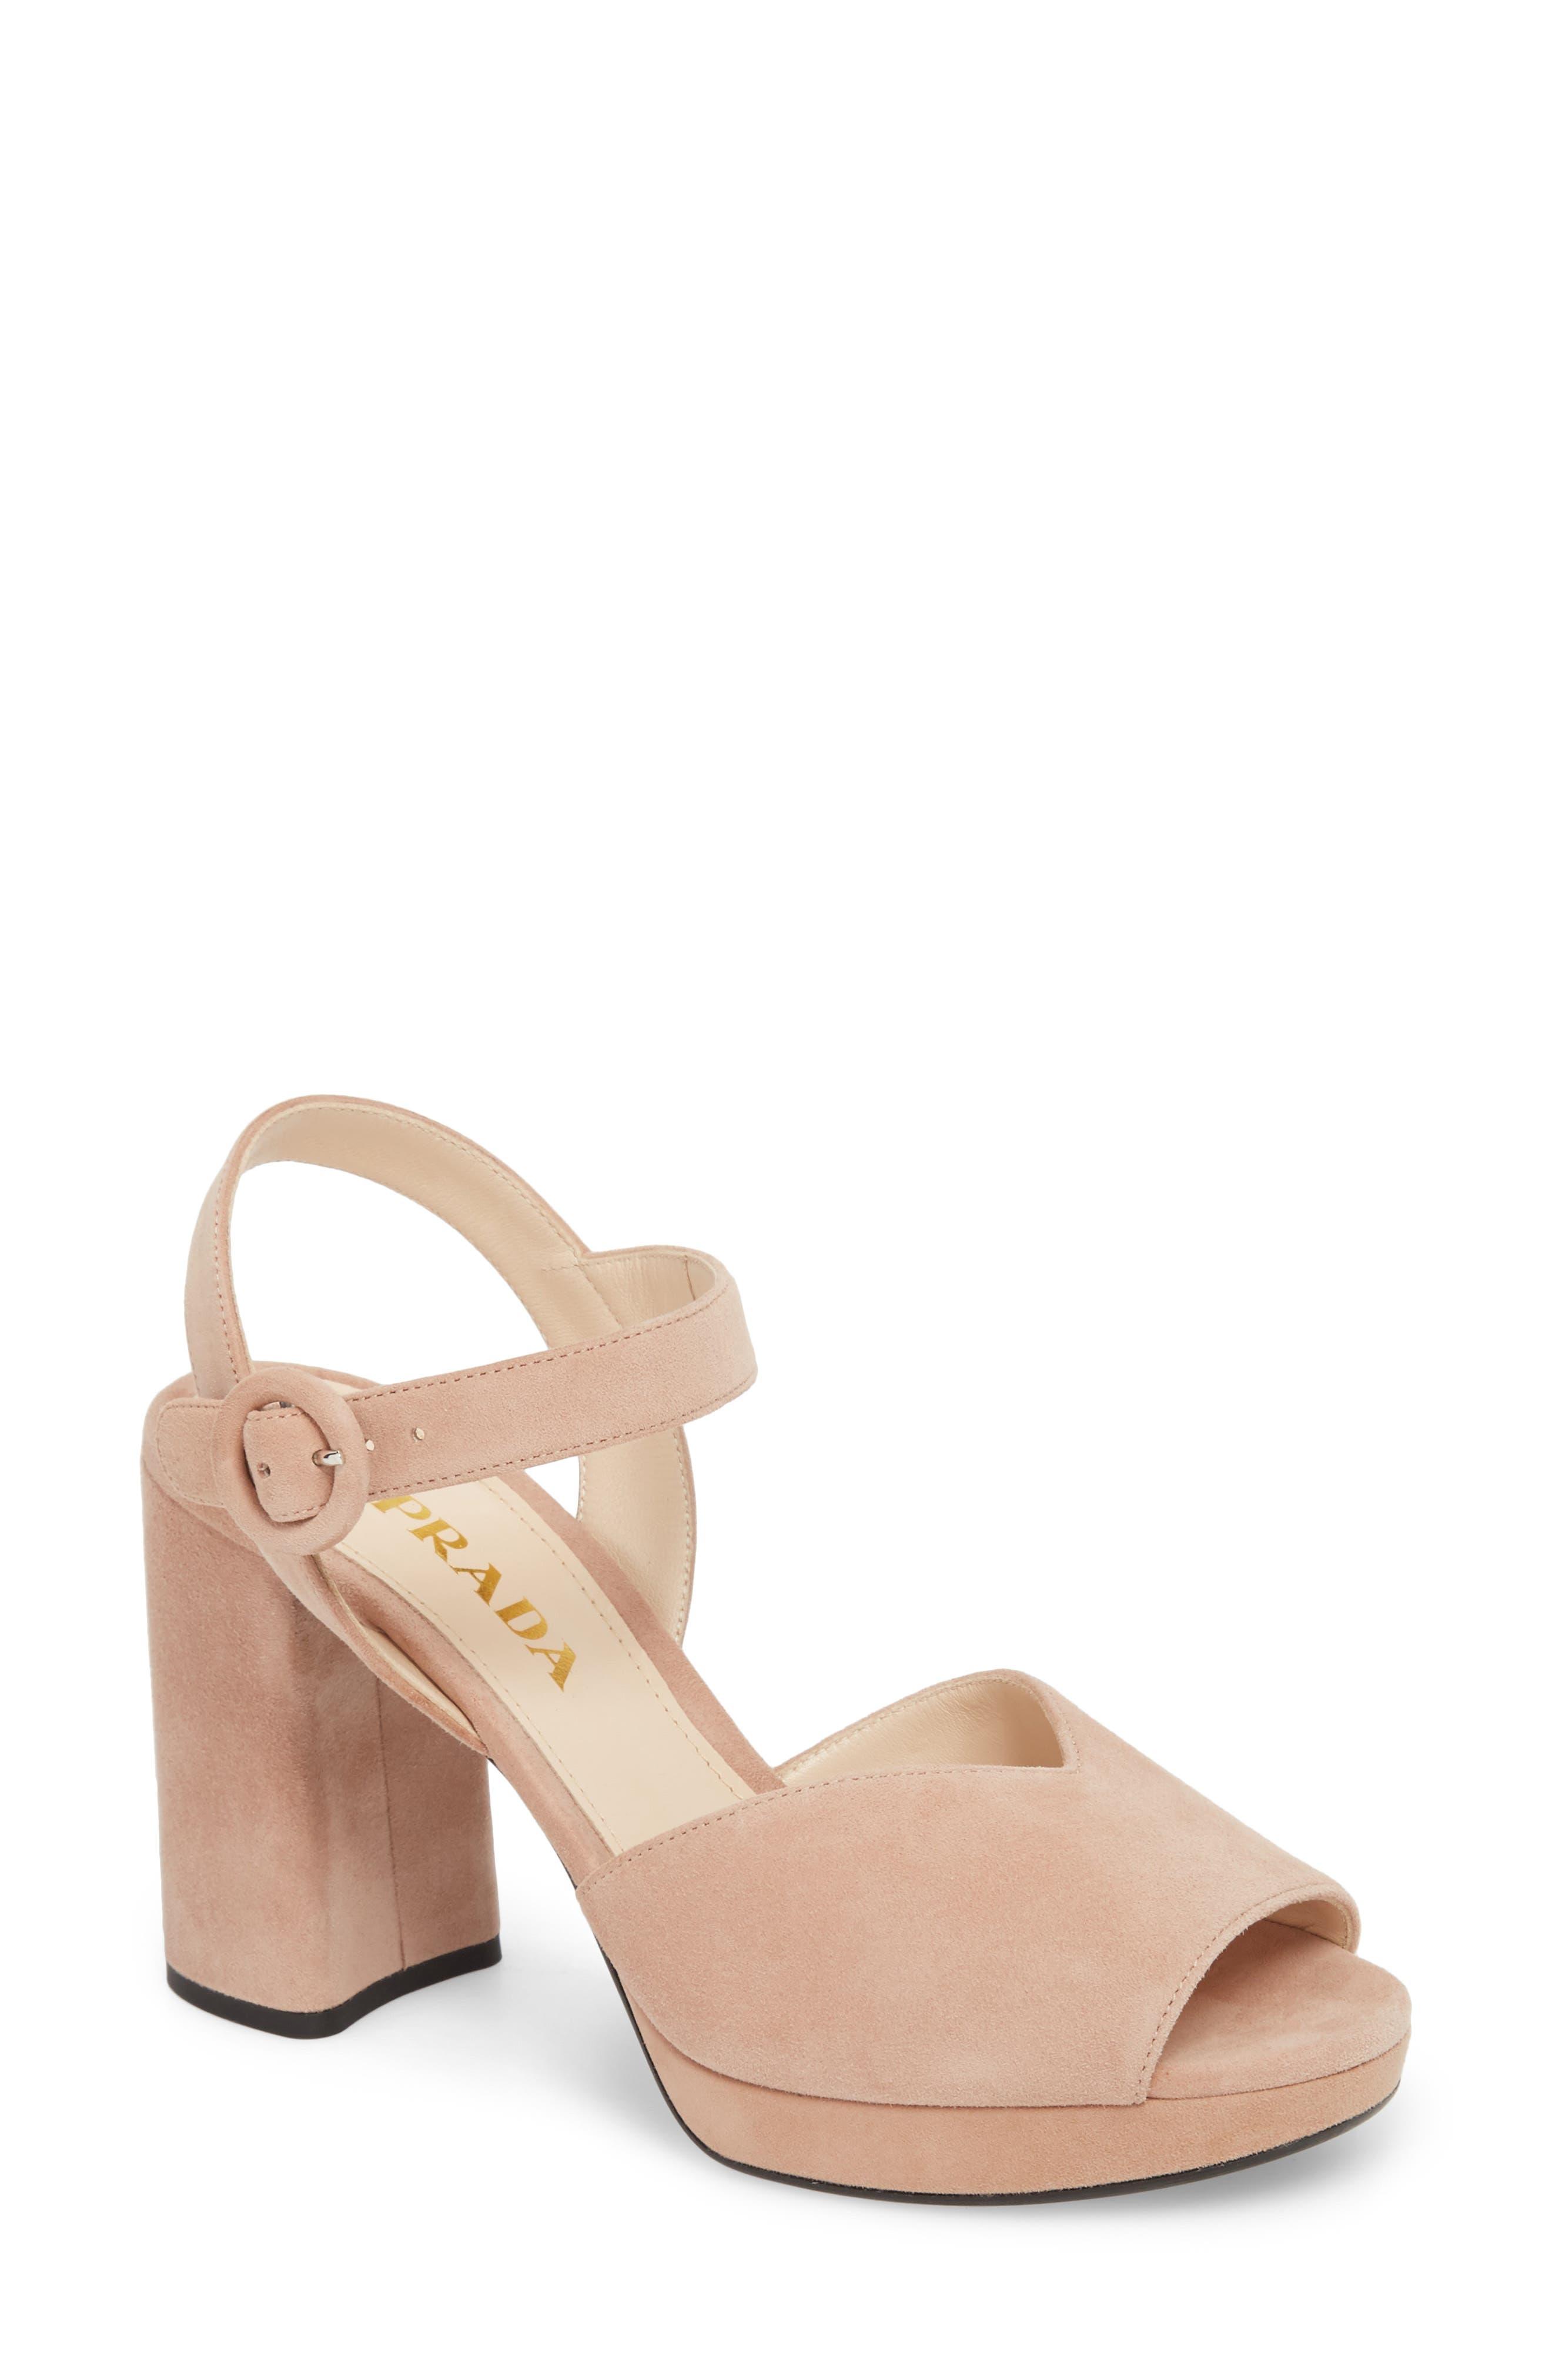 68ebf7fec23e7 Prada Block-Heel Sandals for Women